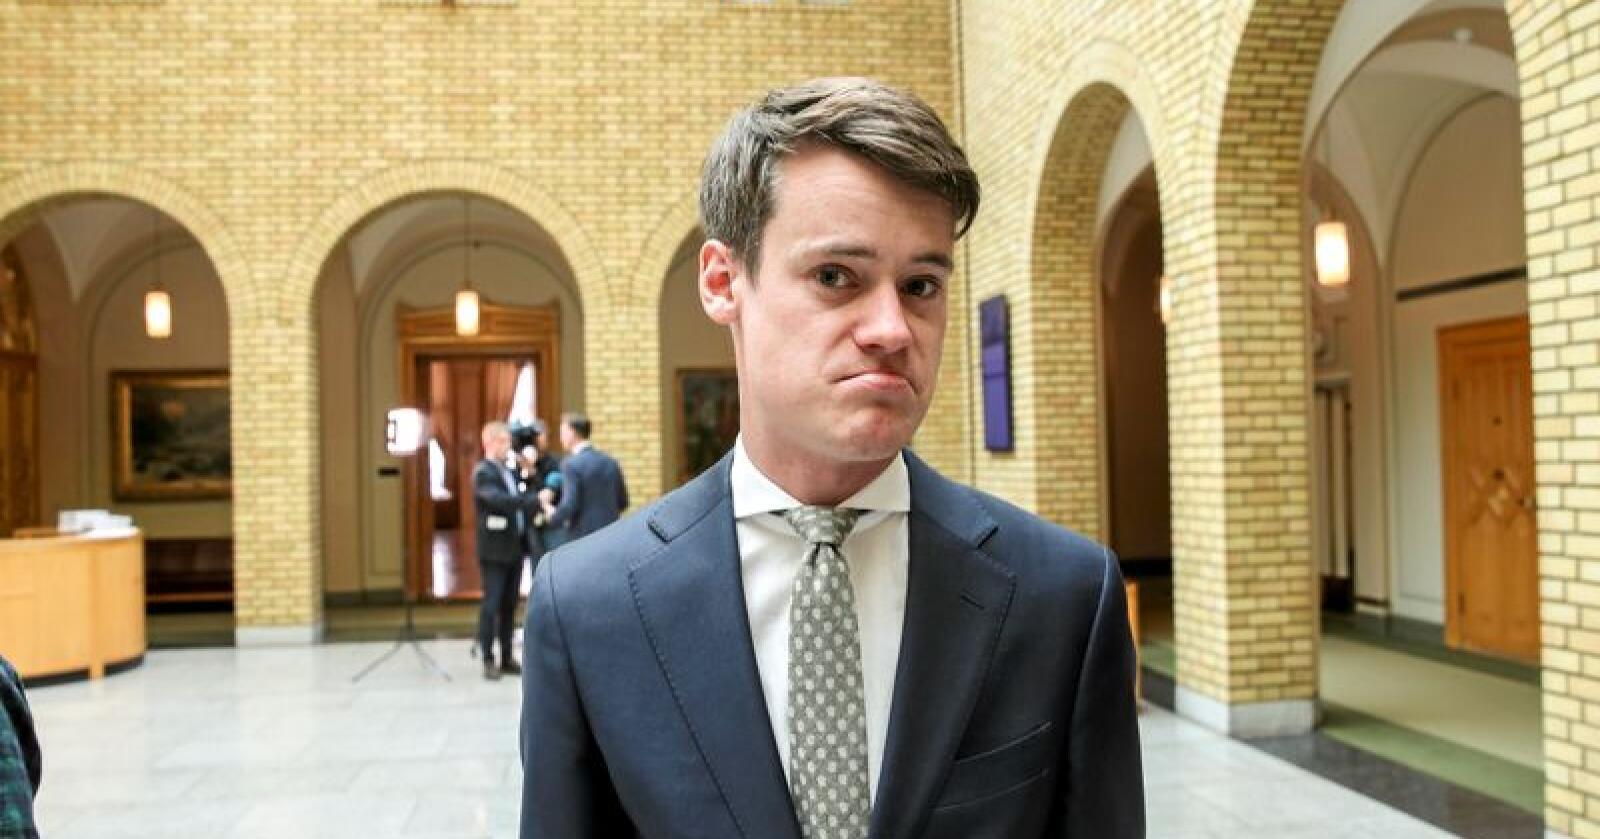 Tore Storehaug (KrF) i vandrehallen på Stortinget. Han sier det lite rom for ytterligere skattelettelser etter regjeringens bompengeavtale. Foto: Vidar Ruud / NTB scanpix